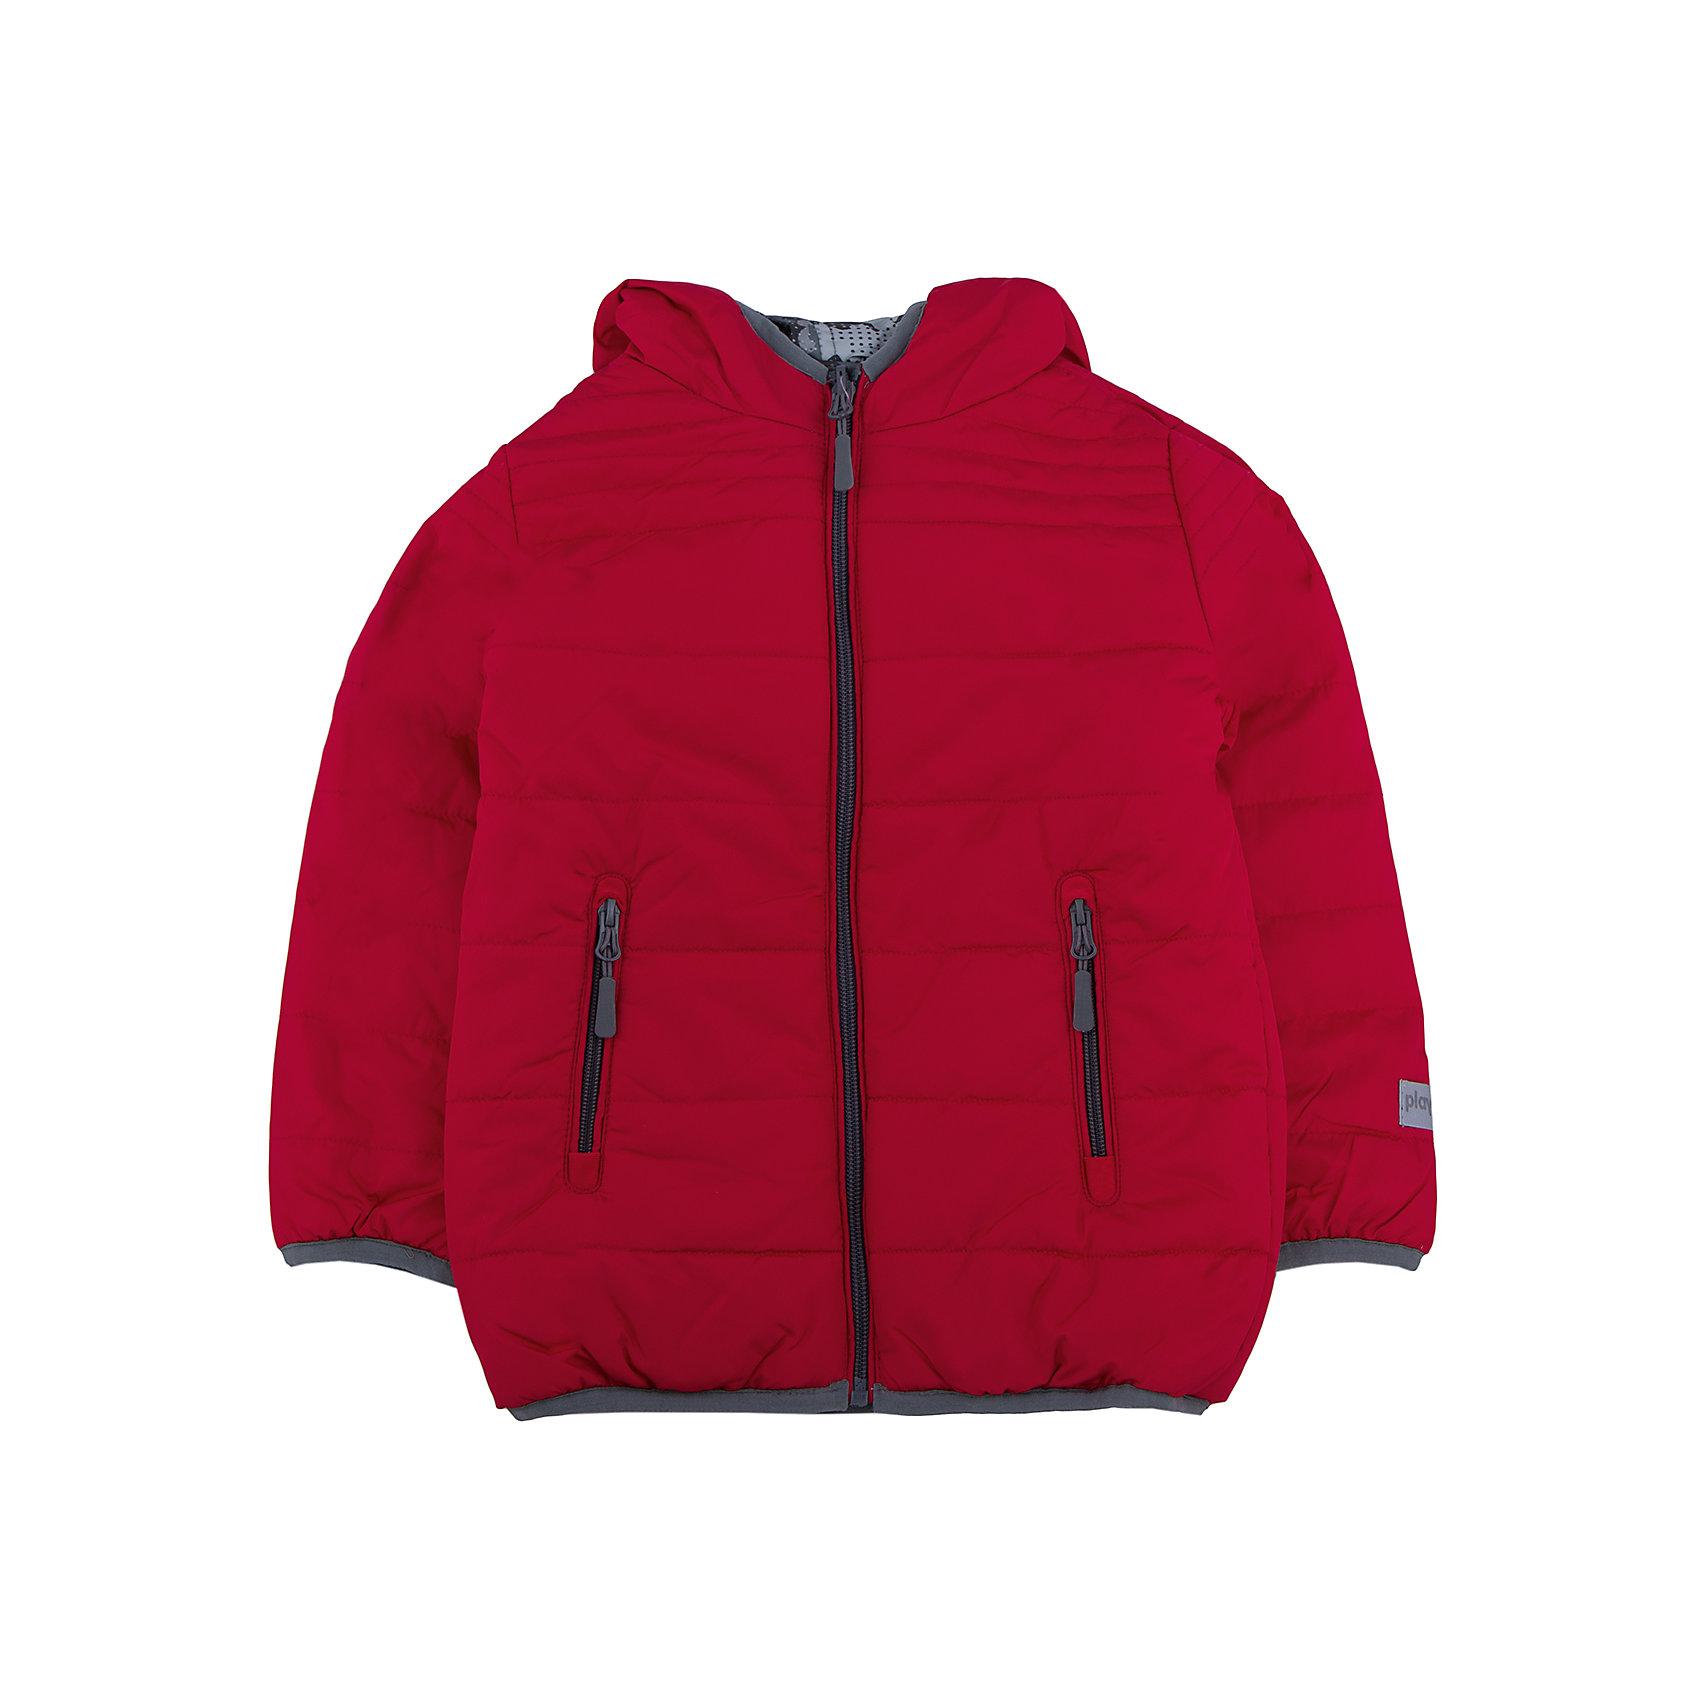 Куртка для мальчика PlayTodayКуртка для мальчика от известного бренда PlayToday.<br>Стильная и яркая стеганая куртка с капюшоном. Застегивается на молнию. Двухсторонняя, можно носить как красной стороной наружу, так и принтованной в стиле милитари. Есть два функциональных кармана на молнии и светоотражатели. Края обработаны эластичным кантом.<br>Состав:<br>Верх: 100% полиэстер, Подкладка: 100% полиэстер, Наполнитель: 100% полиэстер, 250 г/м2<br><br>Ширина мм: 356<br>Глубина мм: 10<br>Высота мм: 245<br>Вес г: 519<br>Цвет: разноцветный<br>Возраст от месяцев: 36<br>Возраст до месяцев: 48<br>Пол: Мужской<br>Возраст: Детский<br>Размер: 104,122,128,116,110,98<br>SKU: 4896543